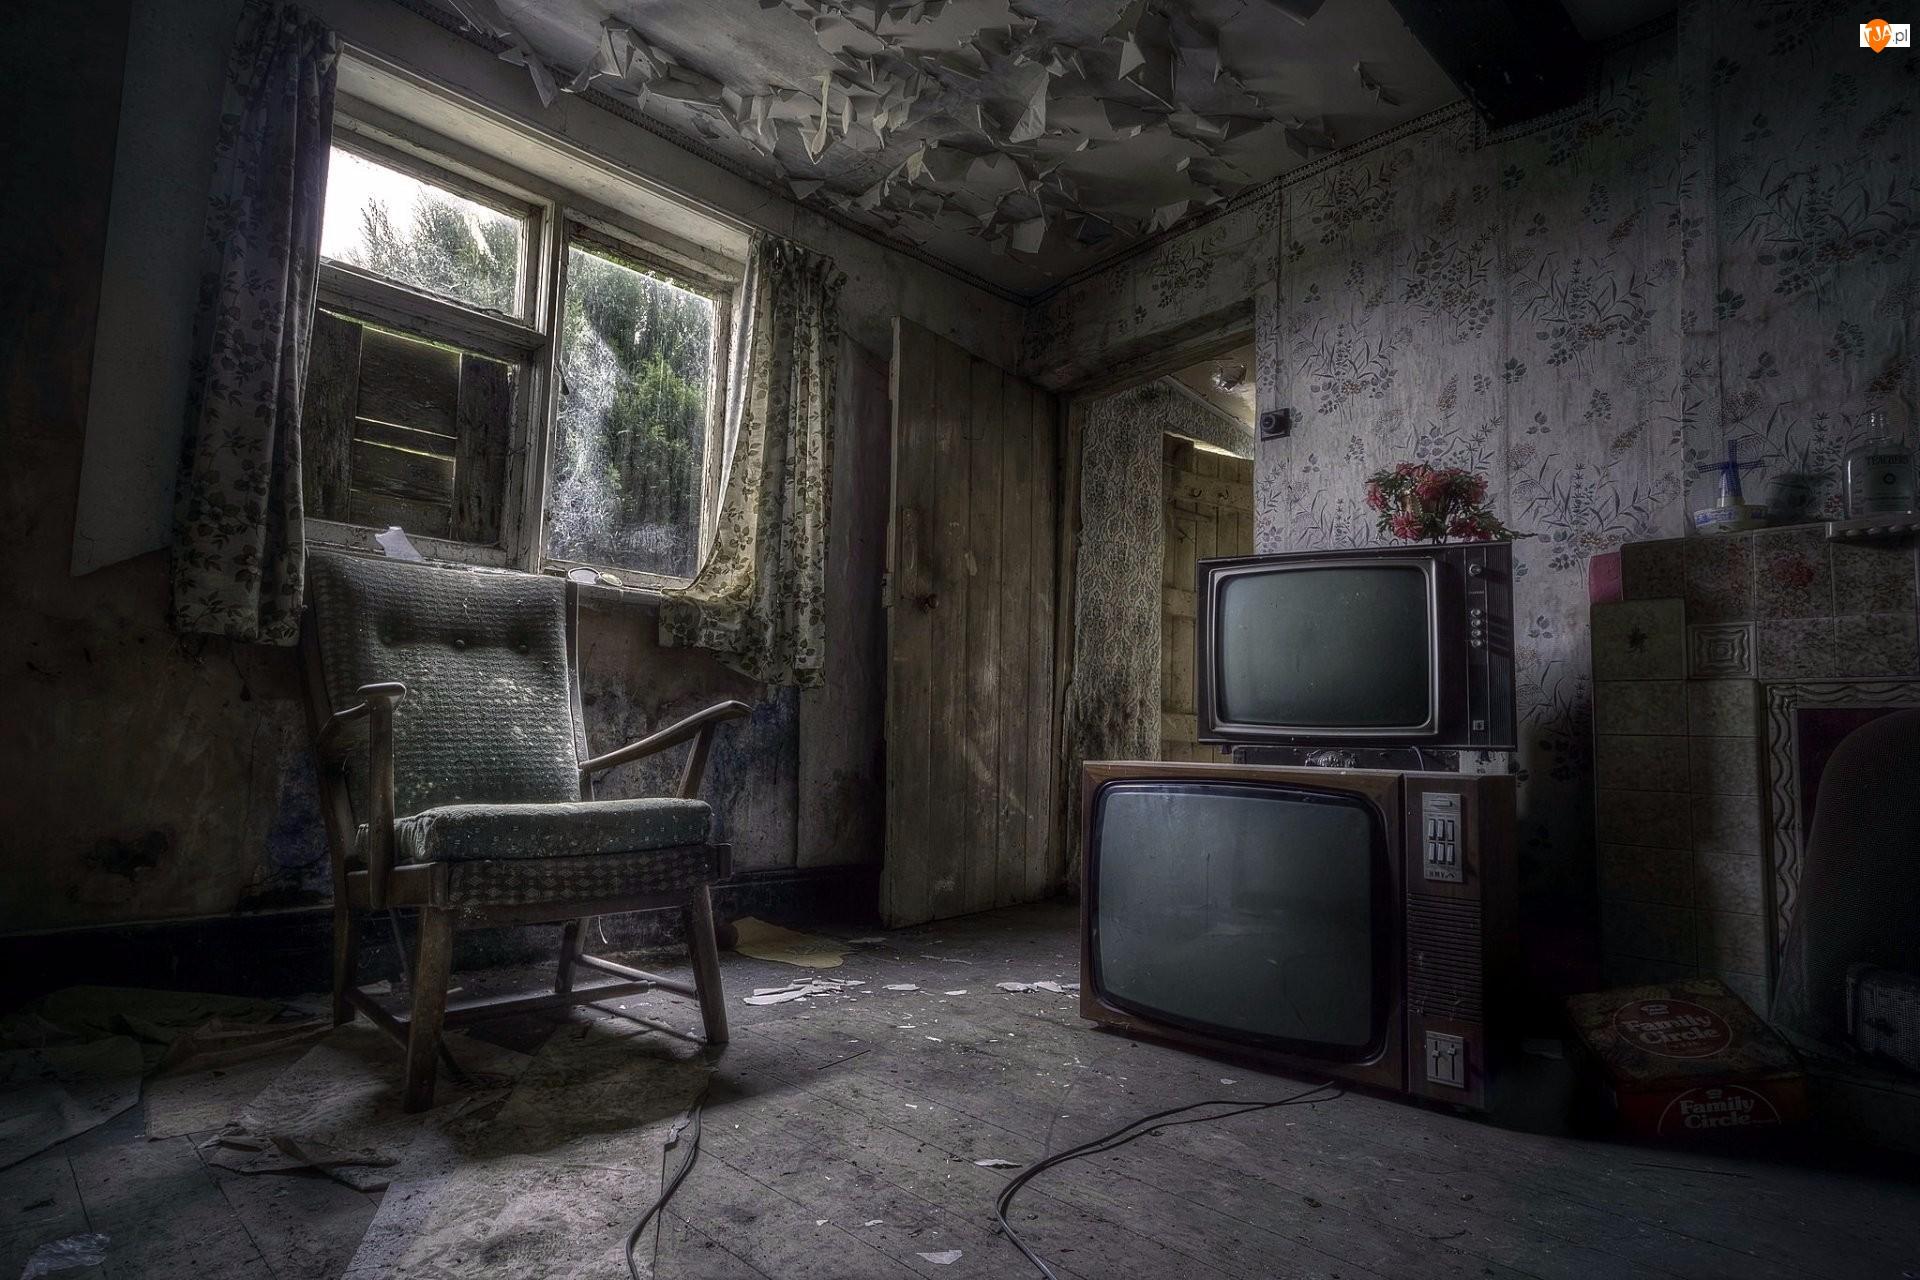 Fotel, Zaniedbany, Pokój, Telewizor